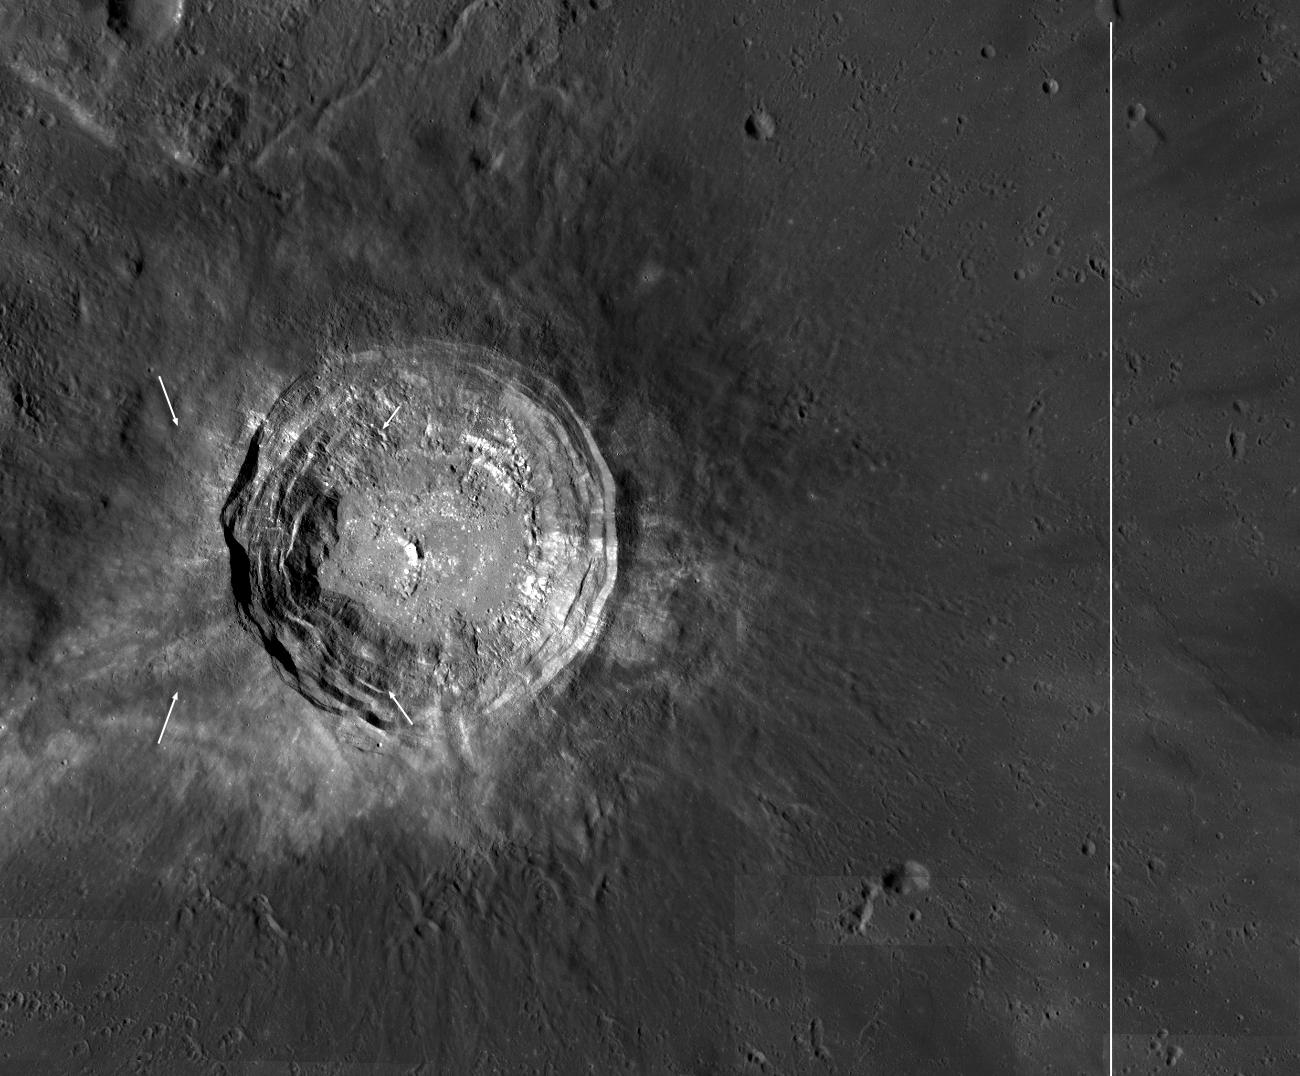 Гигантский кратер луны крупным планом